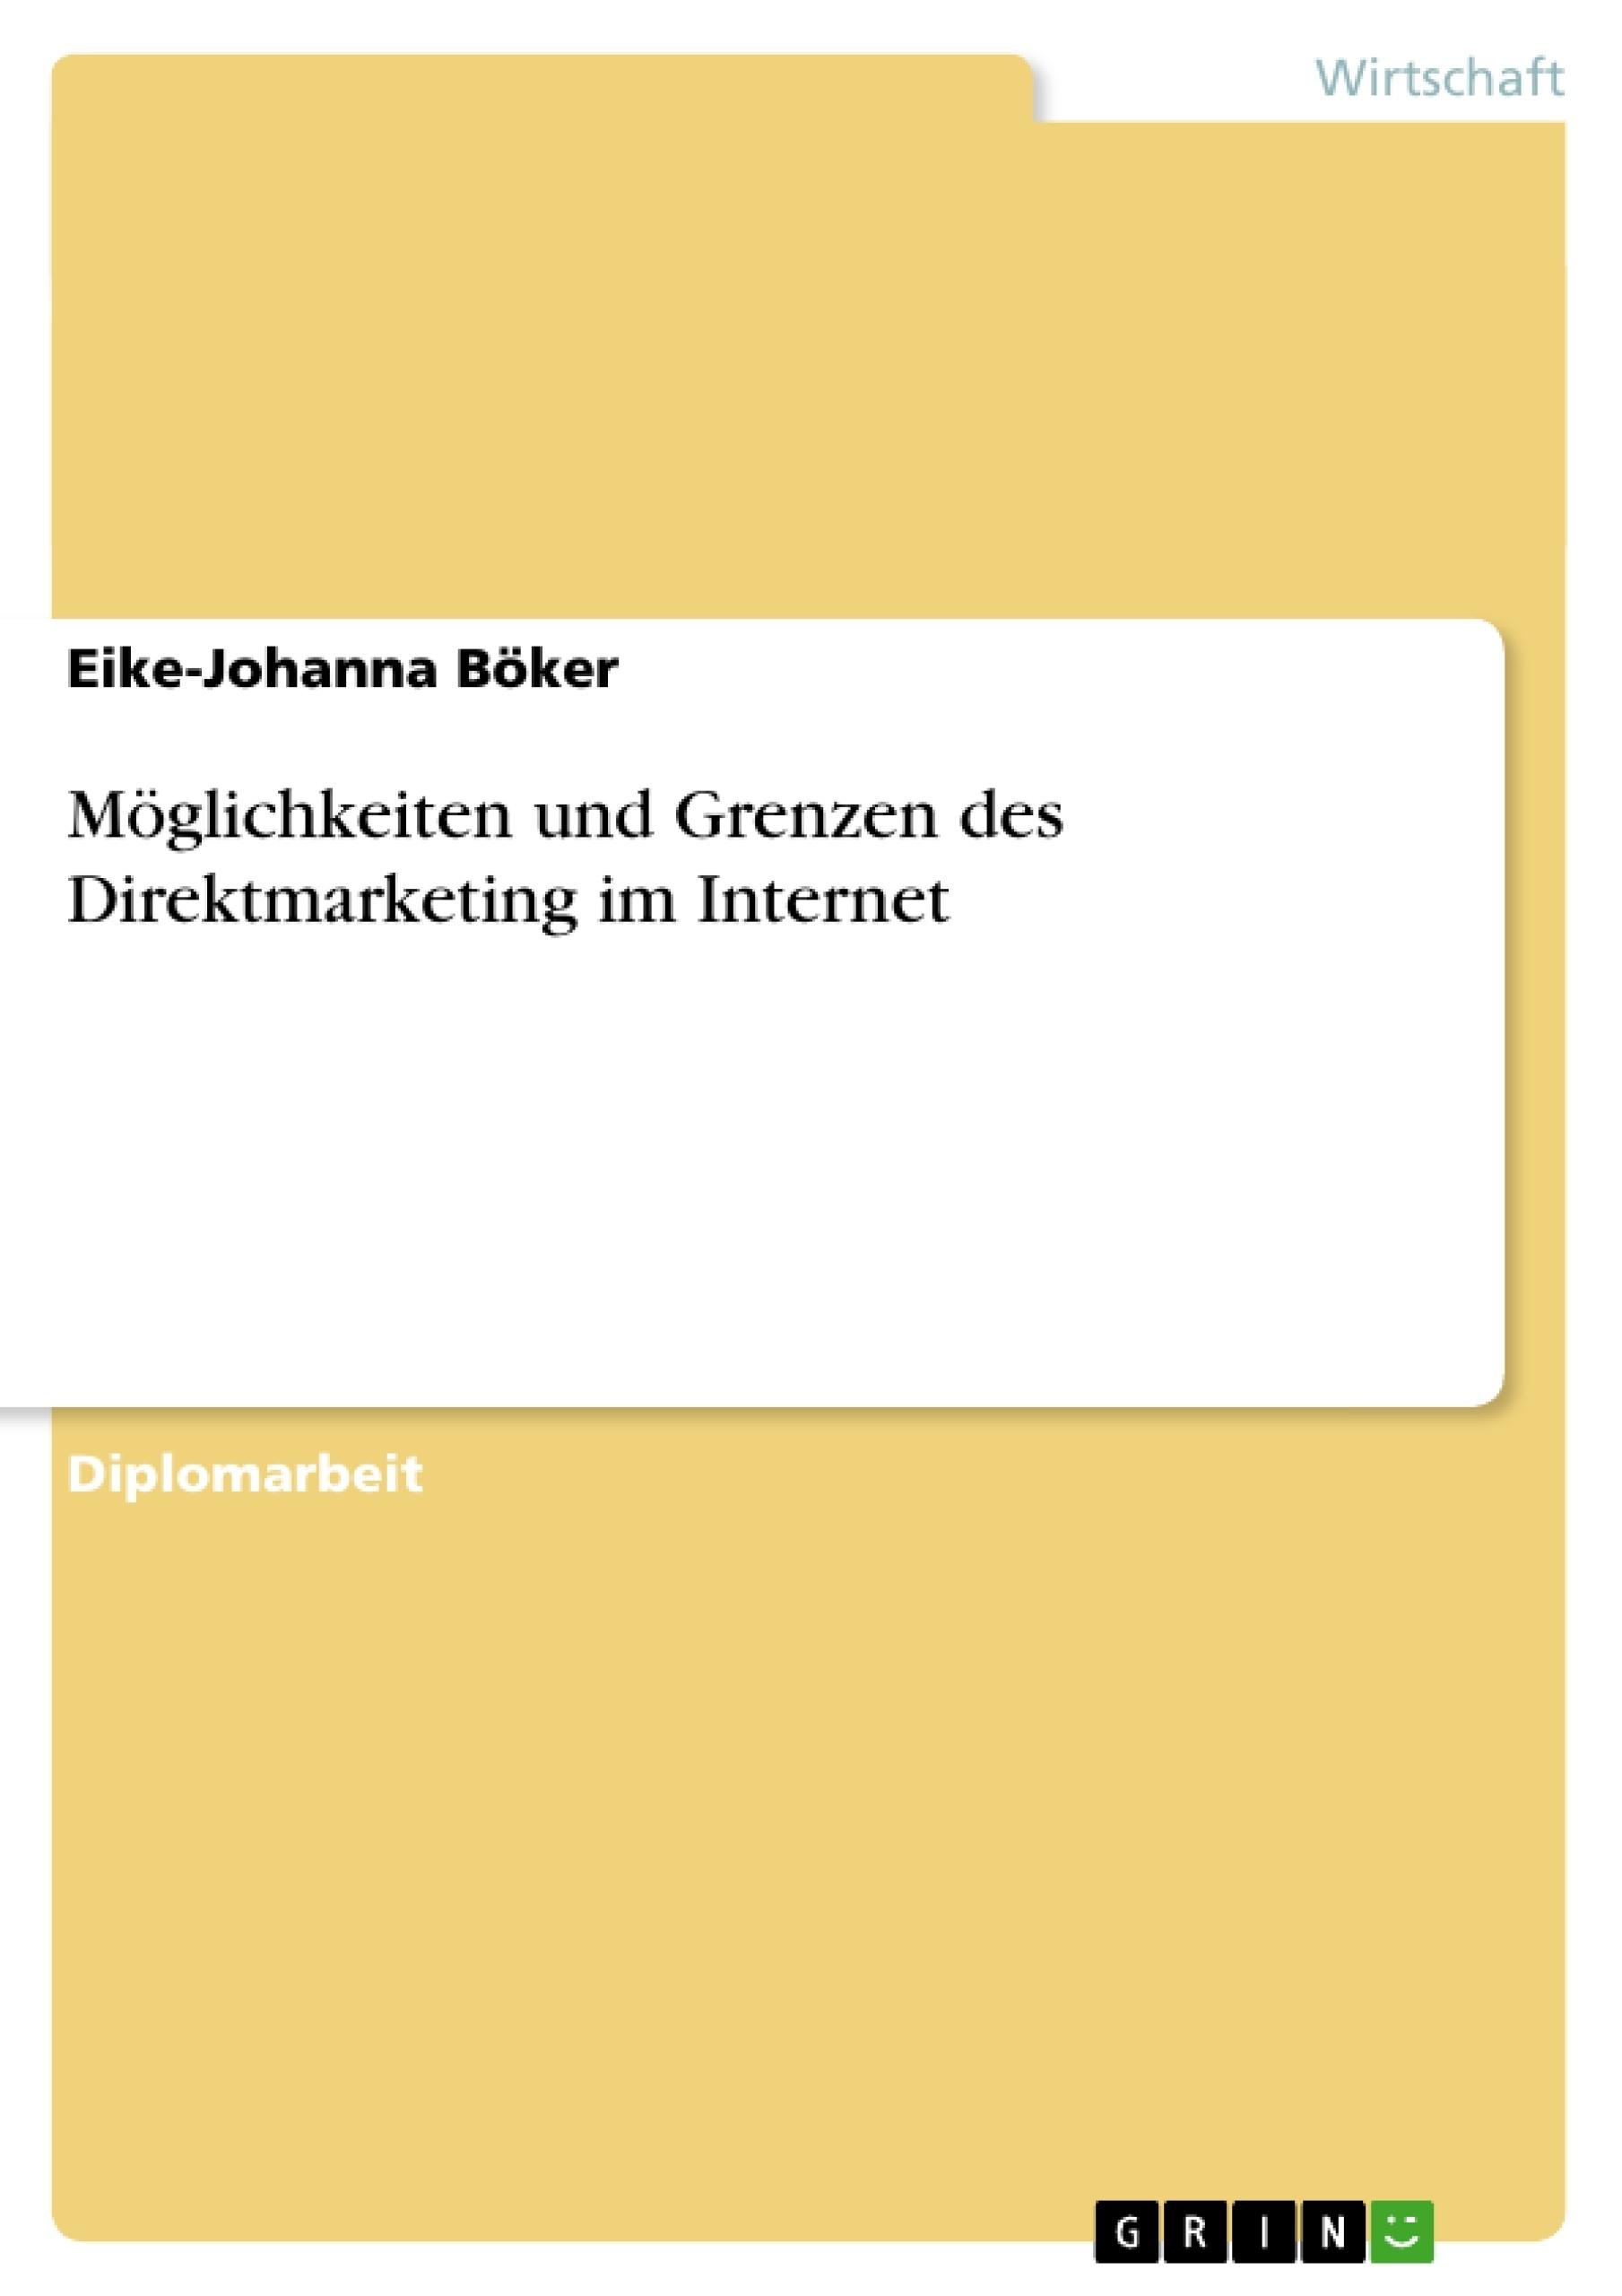 Titel: Möglichkeiten und Grenzen des Direktmarketing im Internet